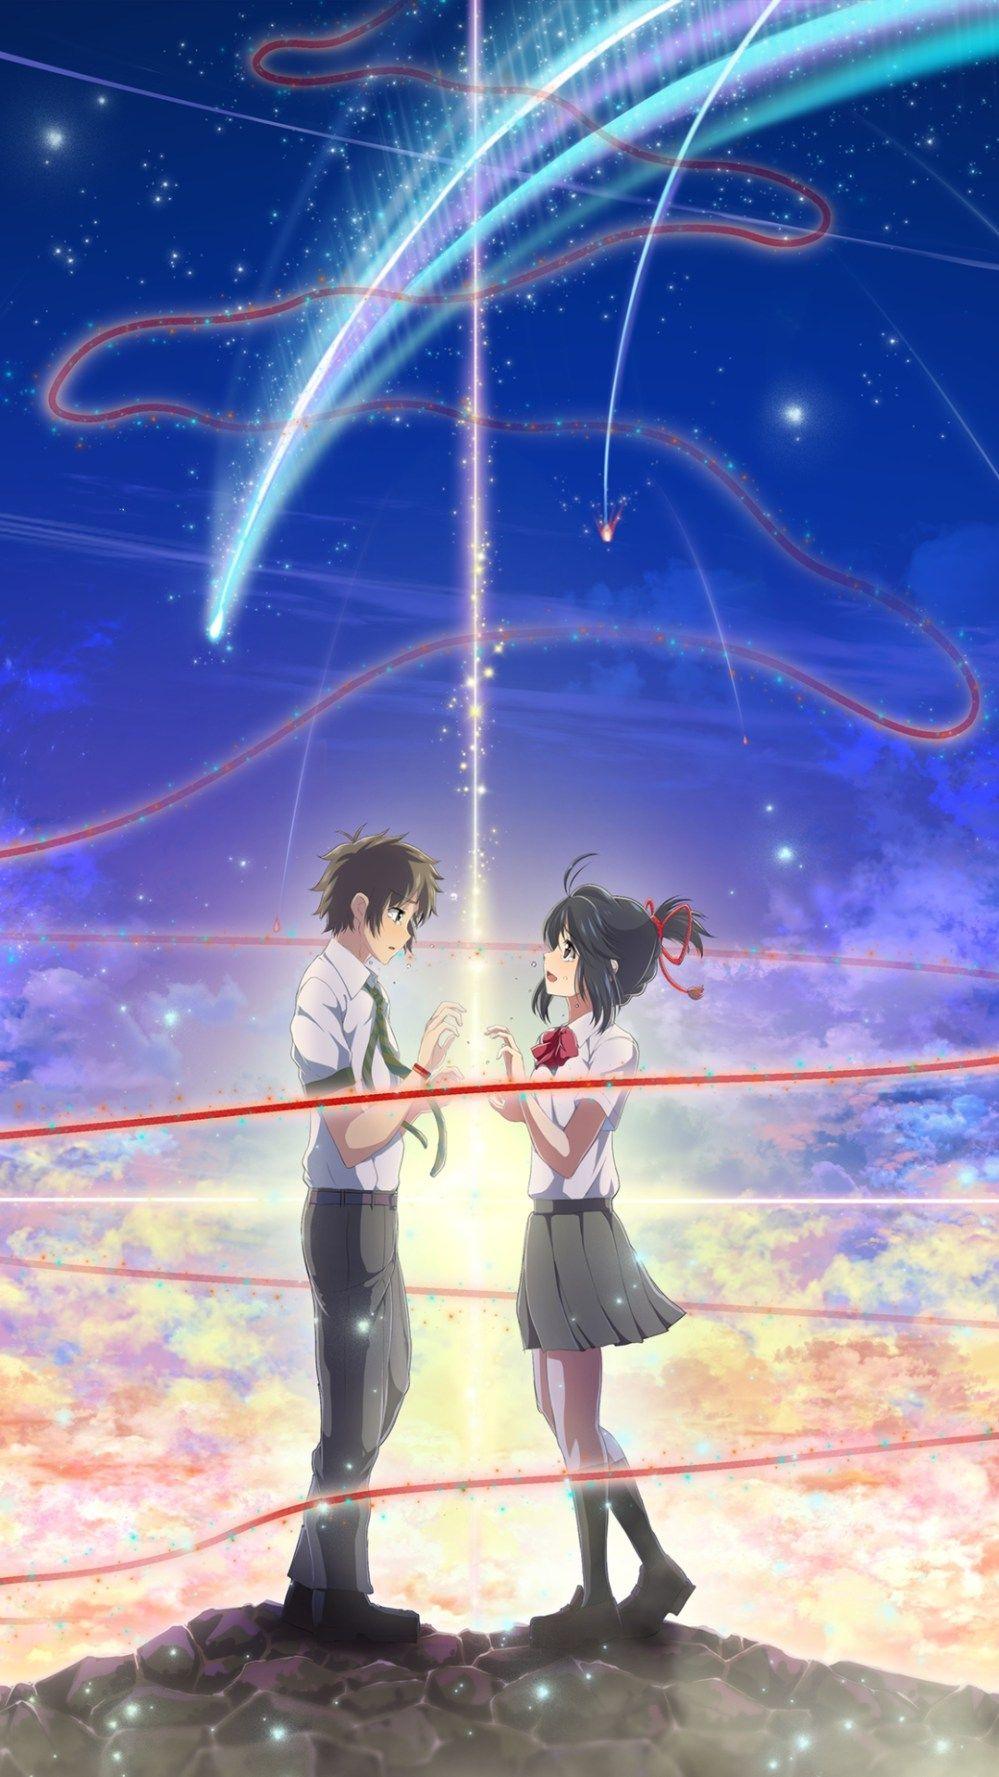 Tổng hợp hình nền đẹp Anime Your Name cho điện thoại